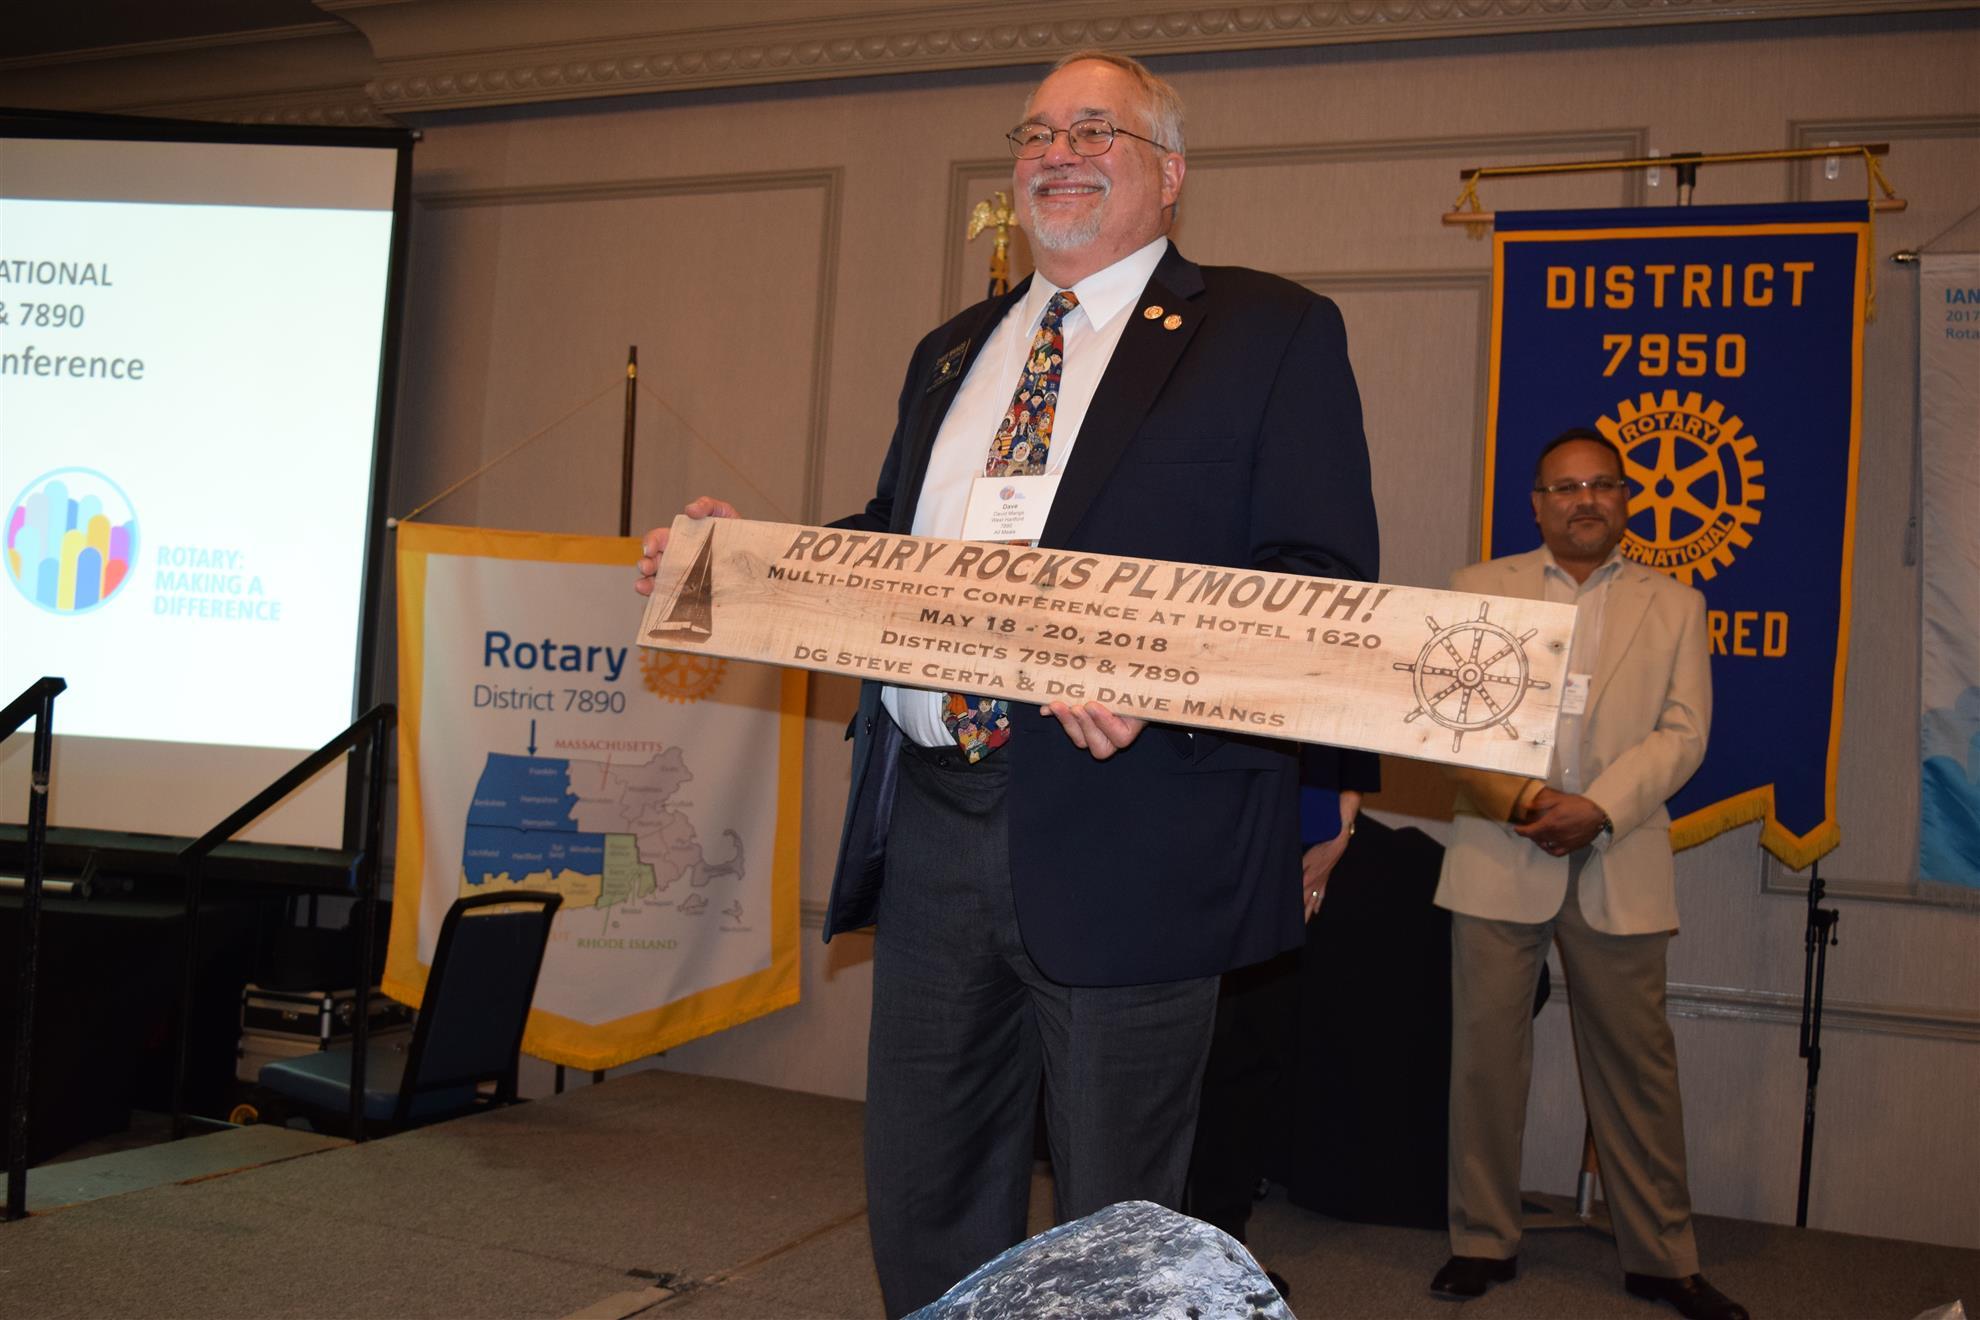 DG Dave receives a thank you gift